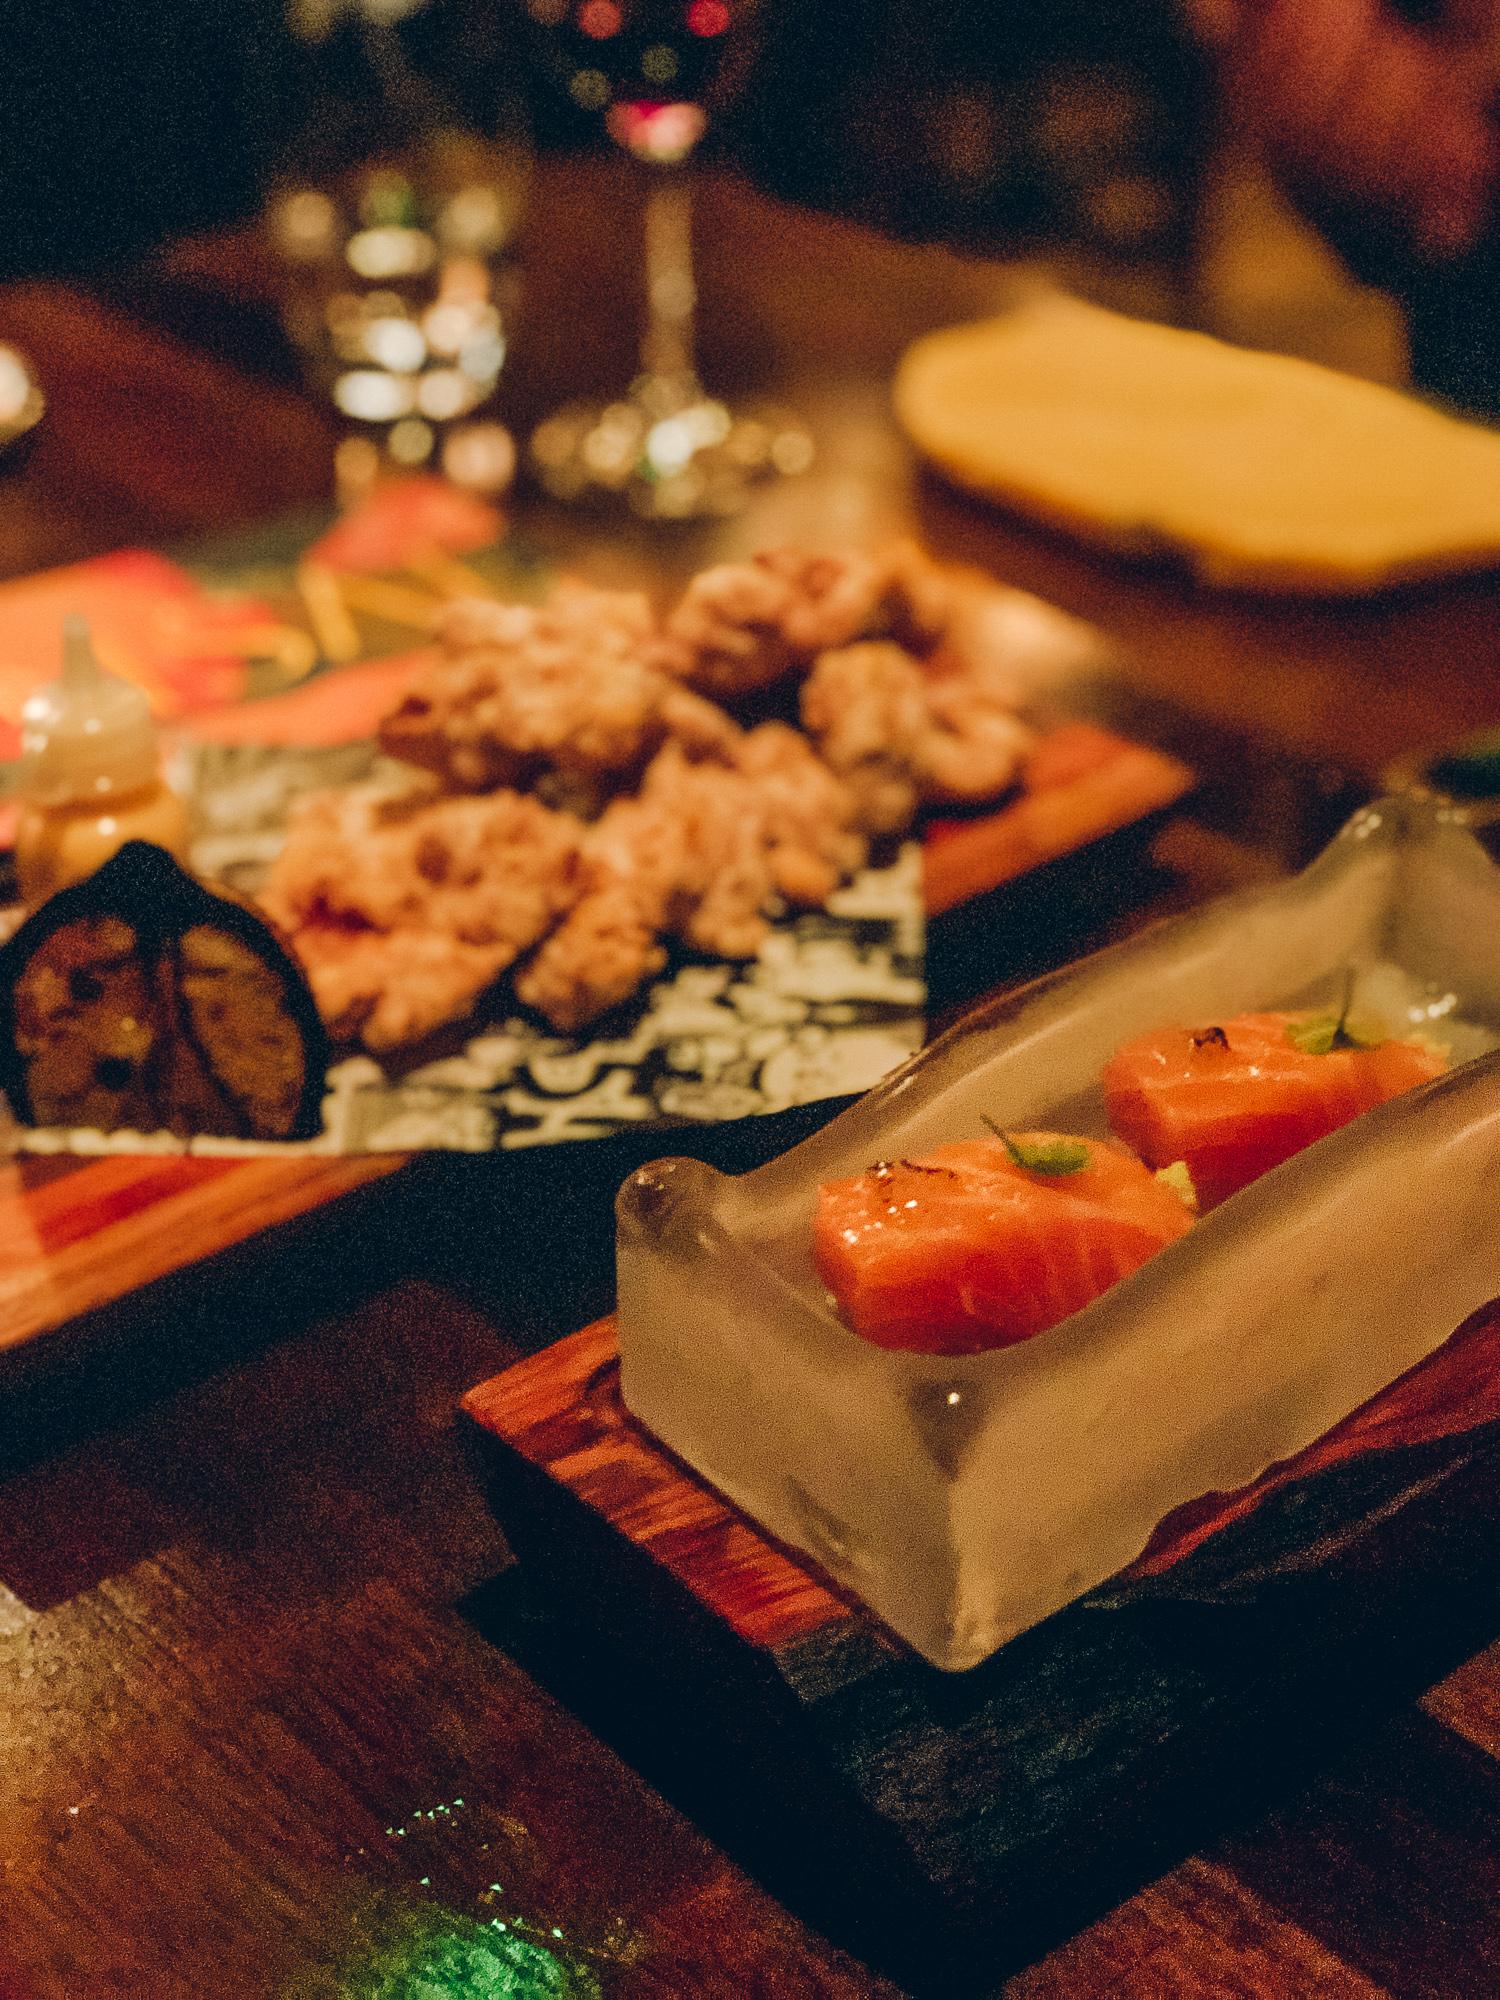 Dinner at Taste by Rustic